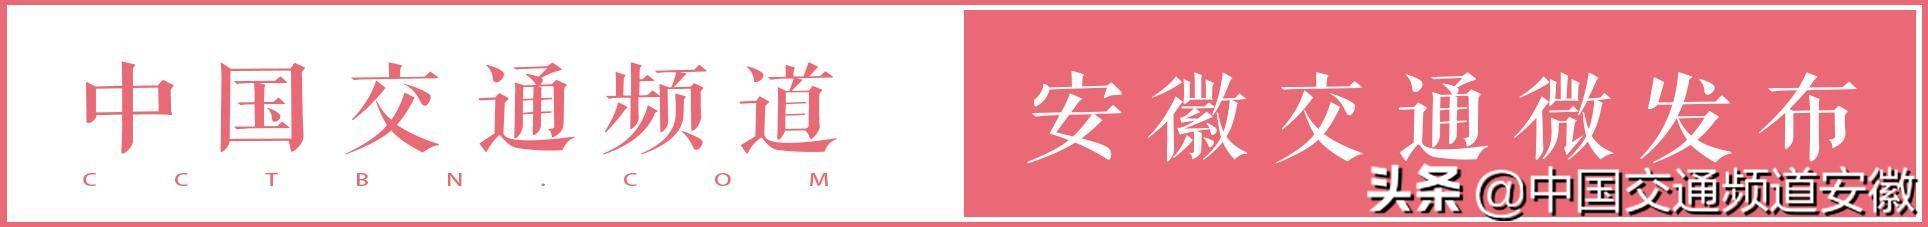 黄山丰大游乐设施局部下陷 一8岁女童死亡